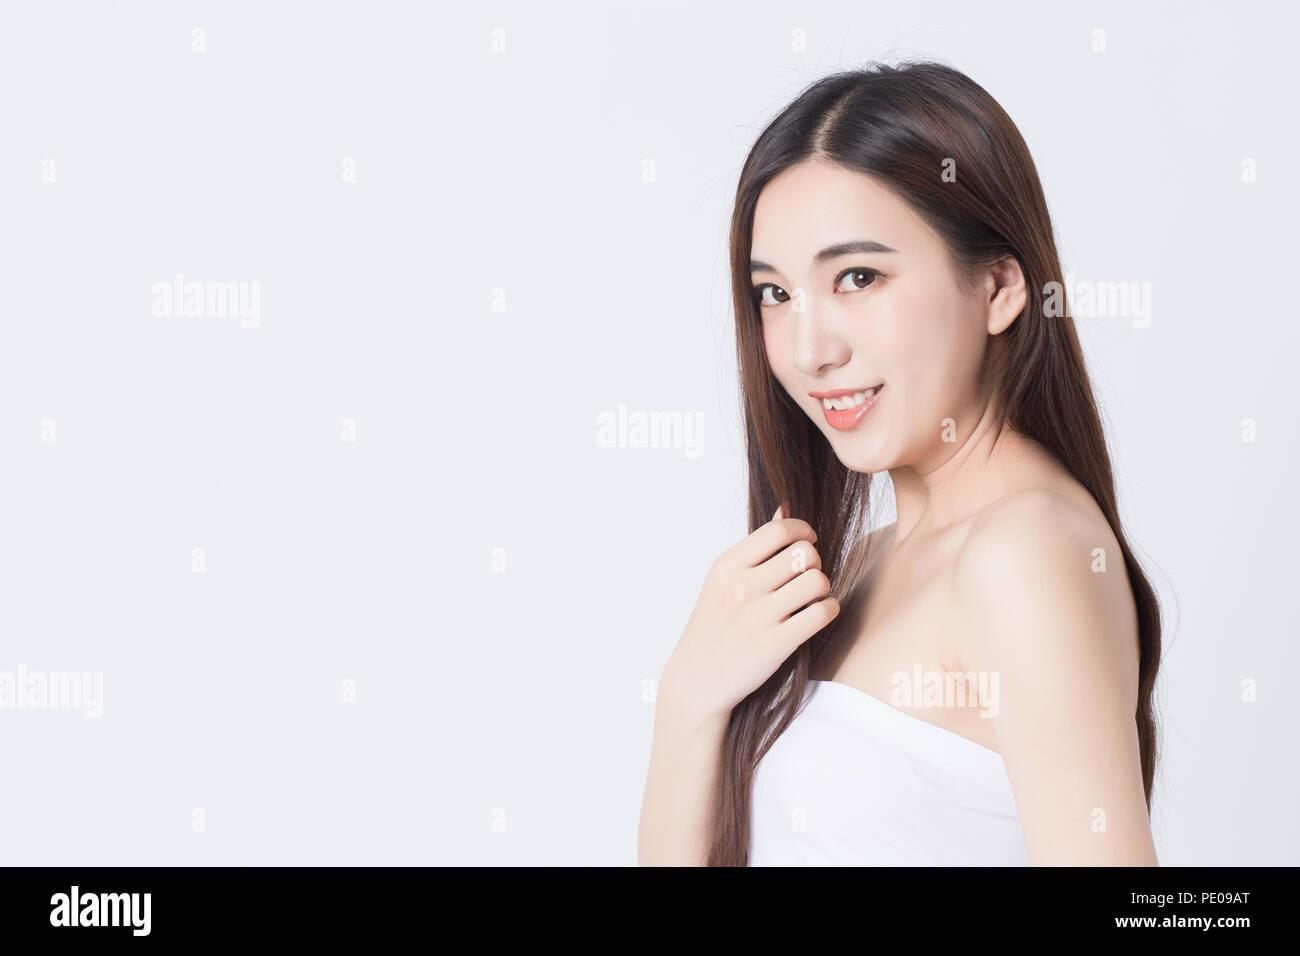 Portrait of beautiful female model on white background - Stock Image